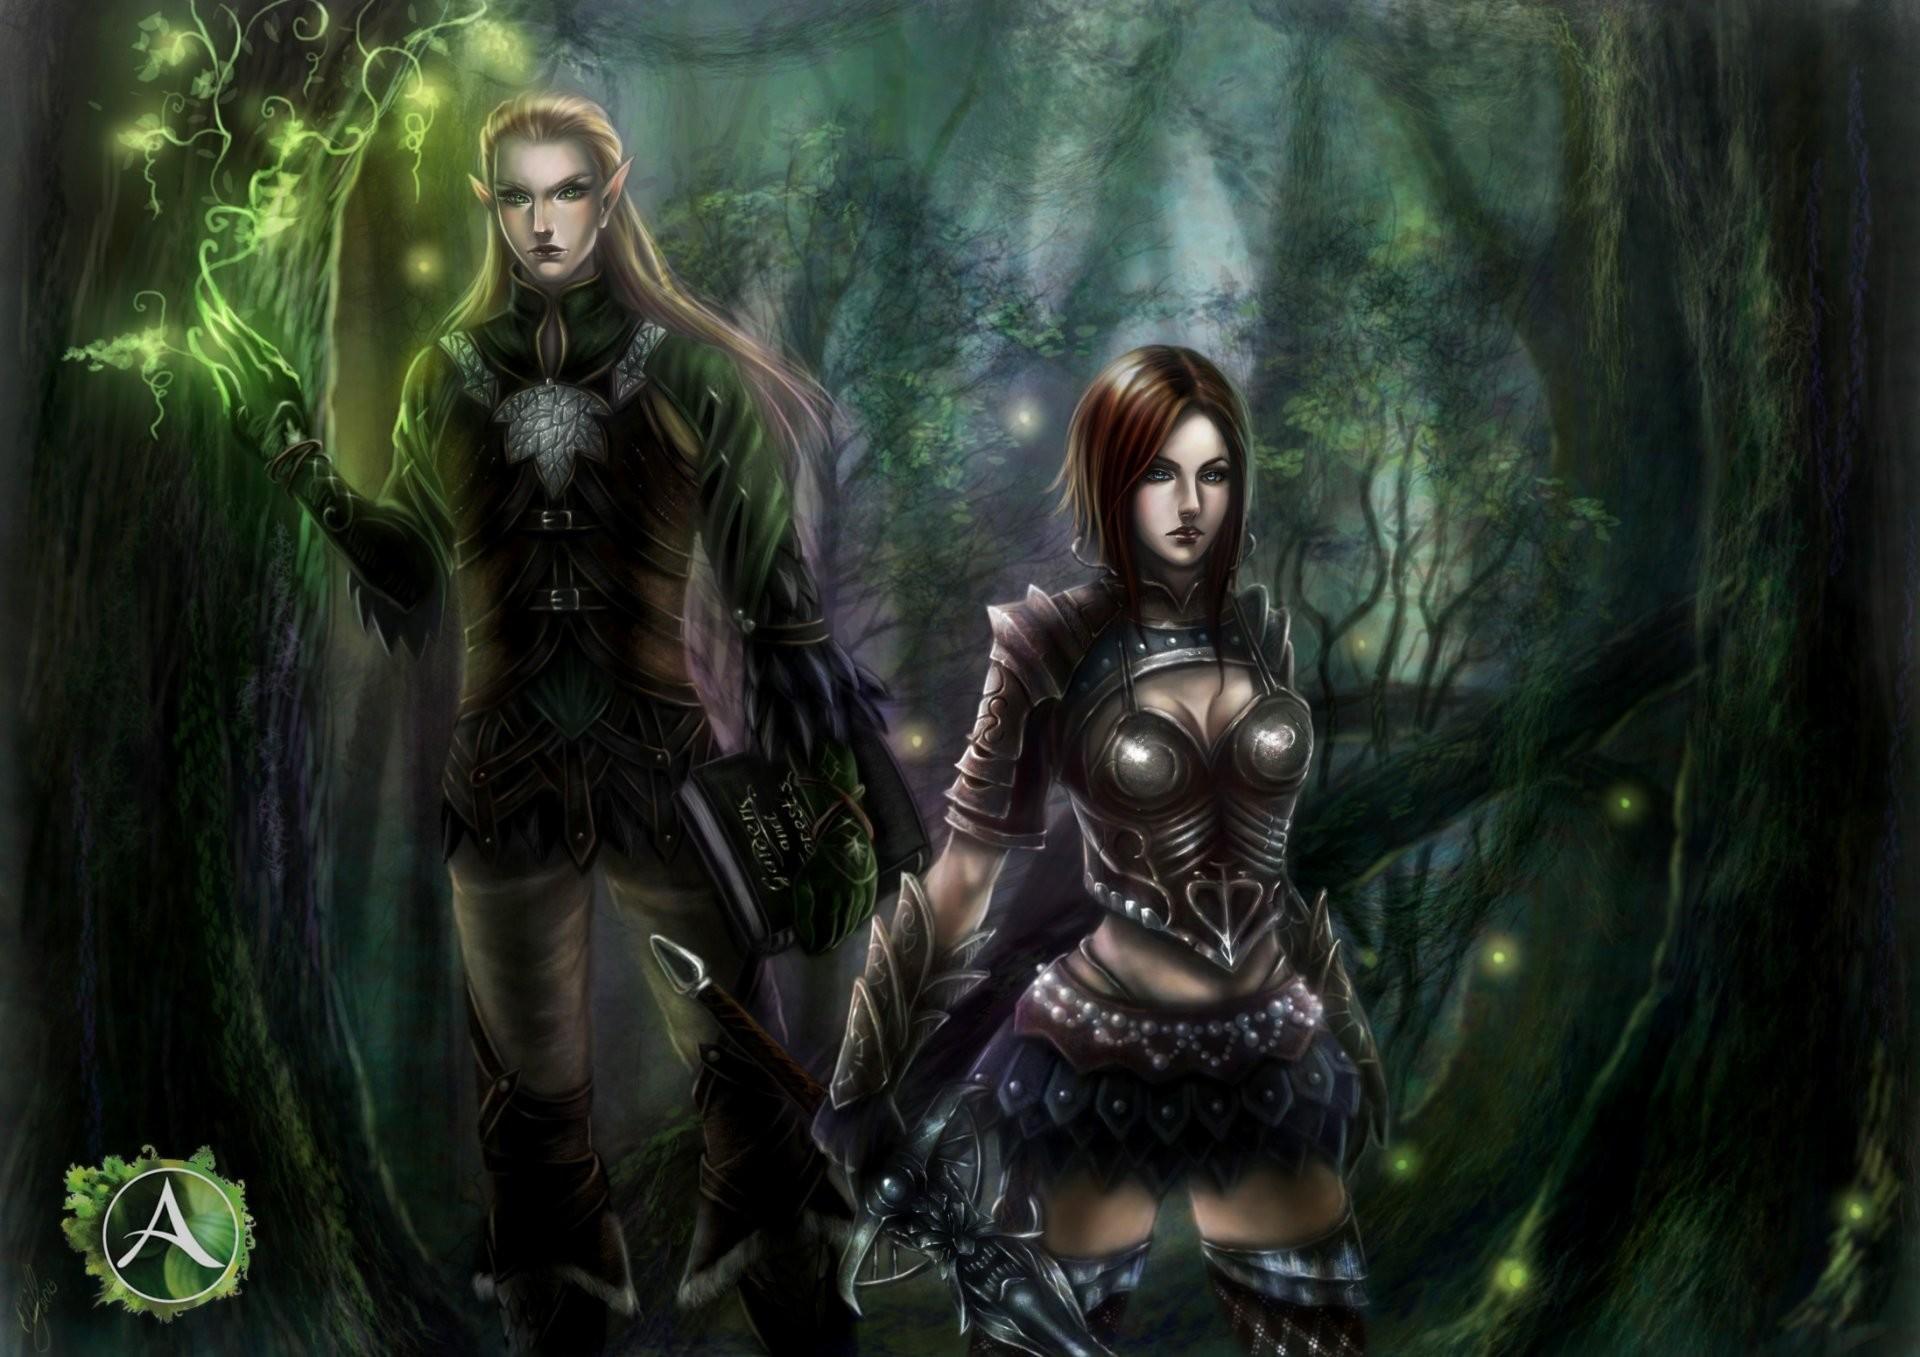 art forest elf girl guy sword